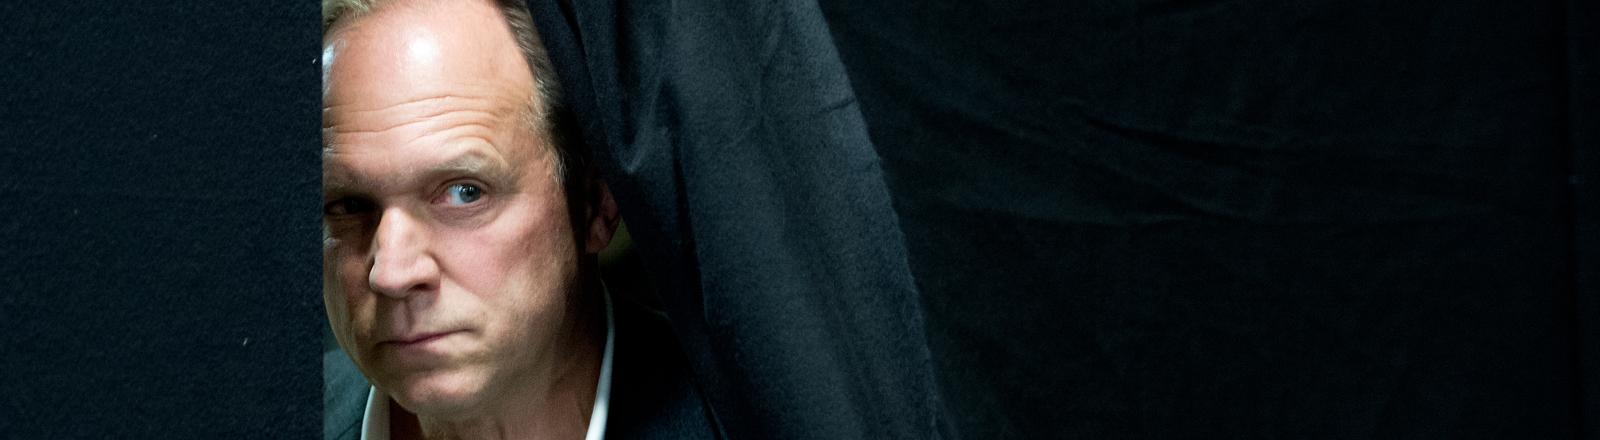 """Zur Vorstellung des neuen HR-Tatort mit dem Arbeitstitel """"Butterfly - Im Schmerz geboren"""" stellt der Hessische Rundfunk am 24.06.2013 in Frankfurt am Main den Schauspieler Ulrich Tukur in der Rolle des Felix Murot vor (dpa)."""